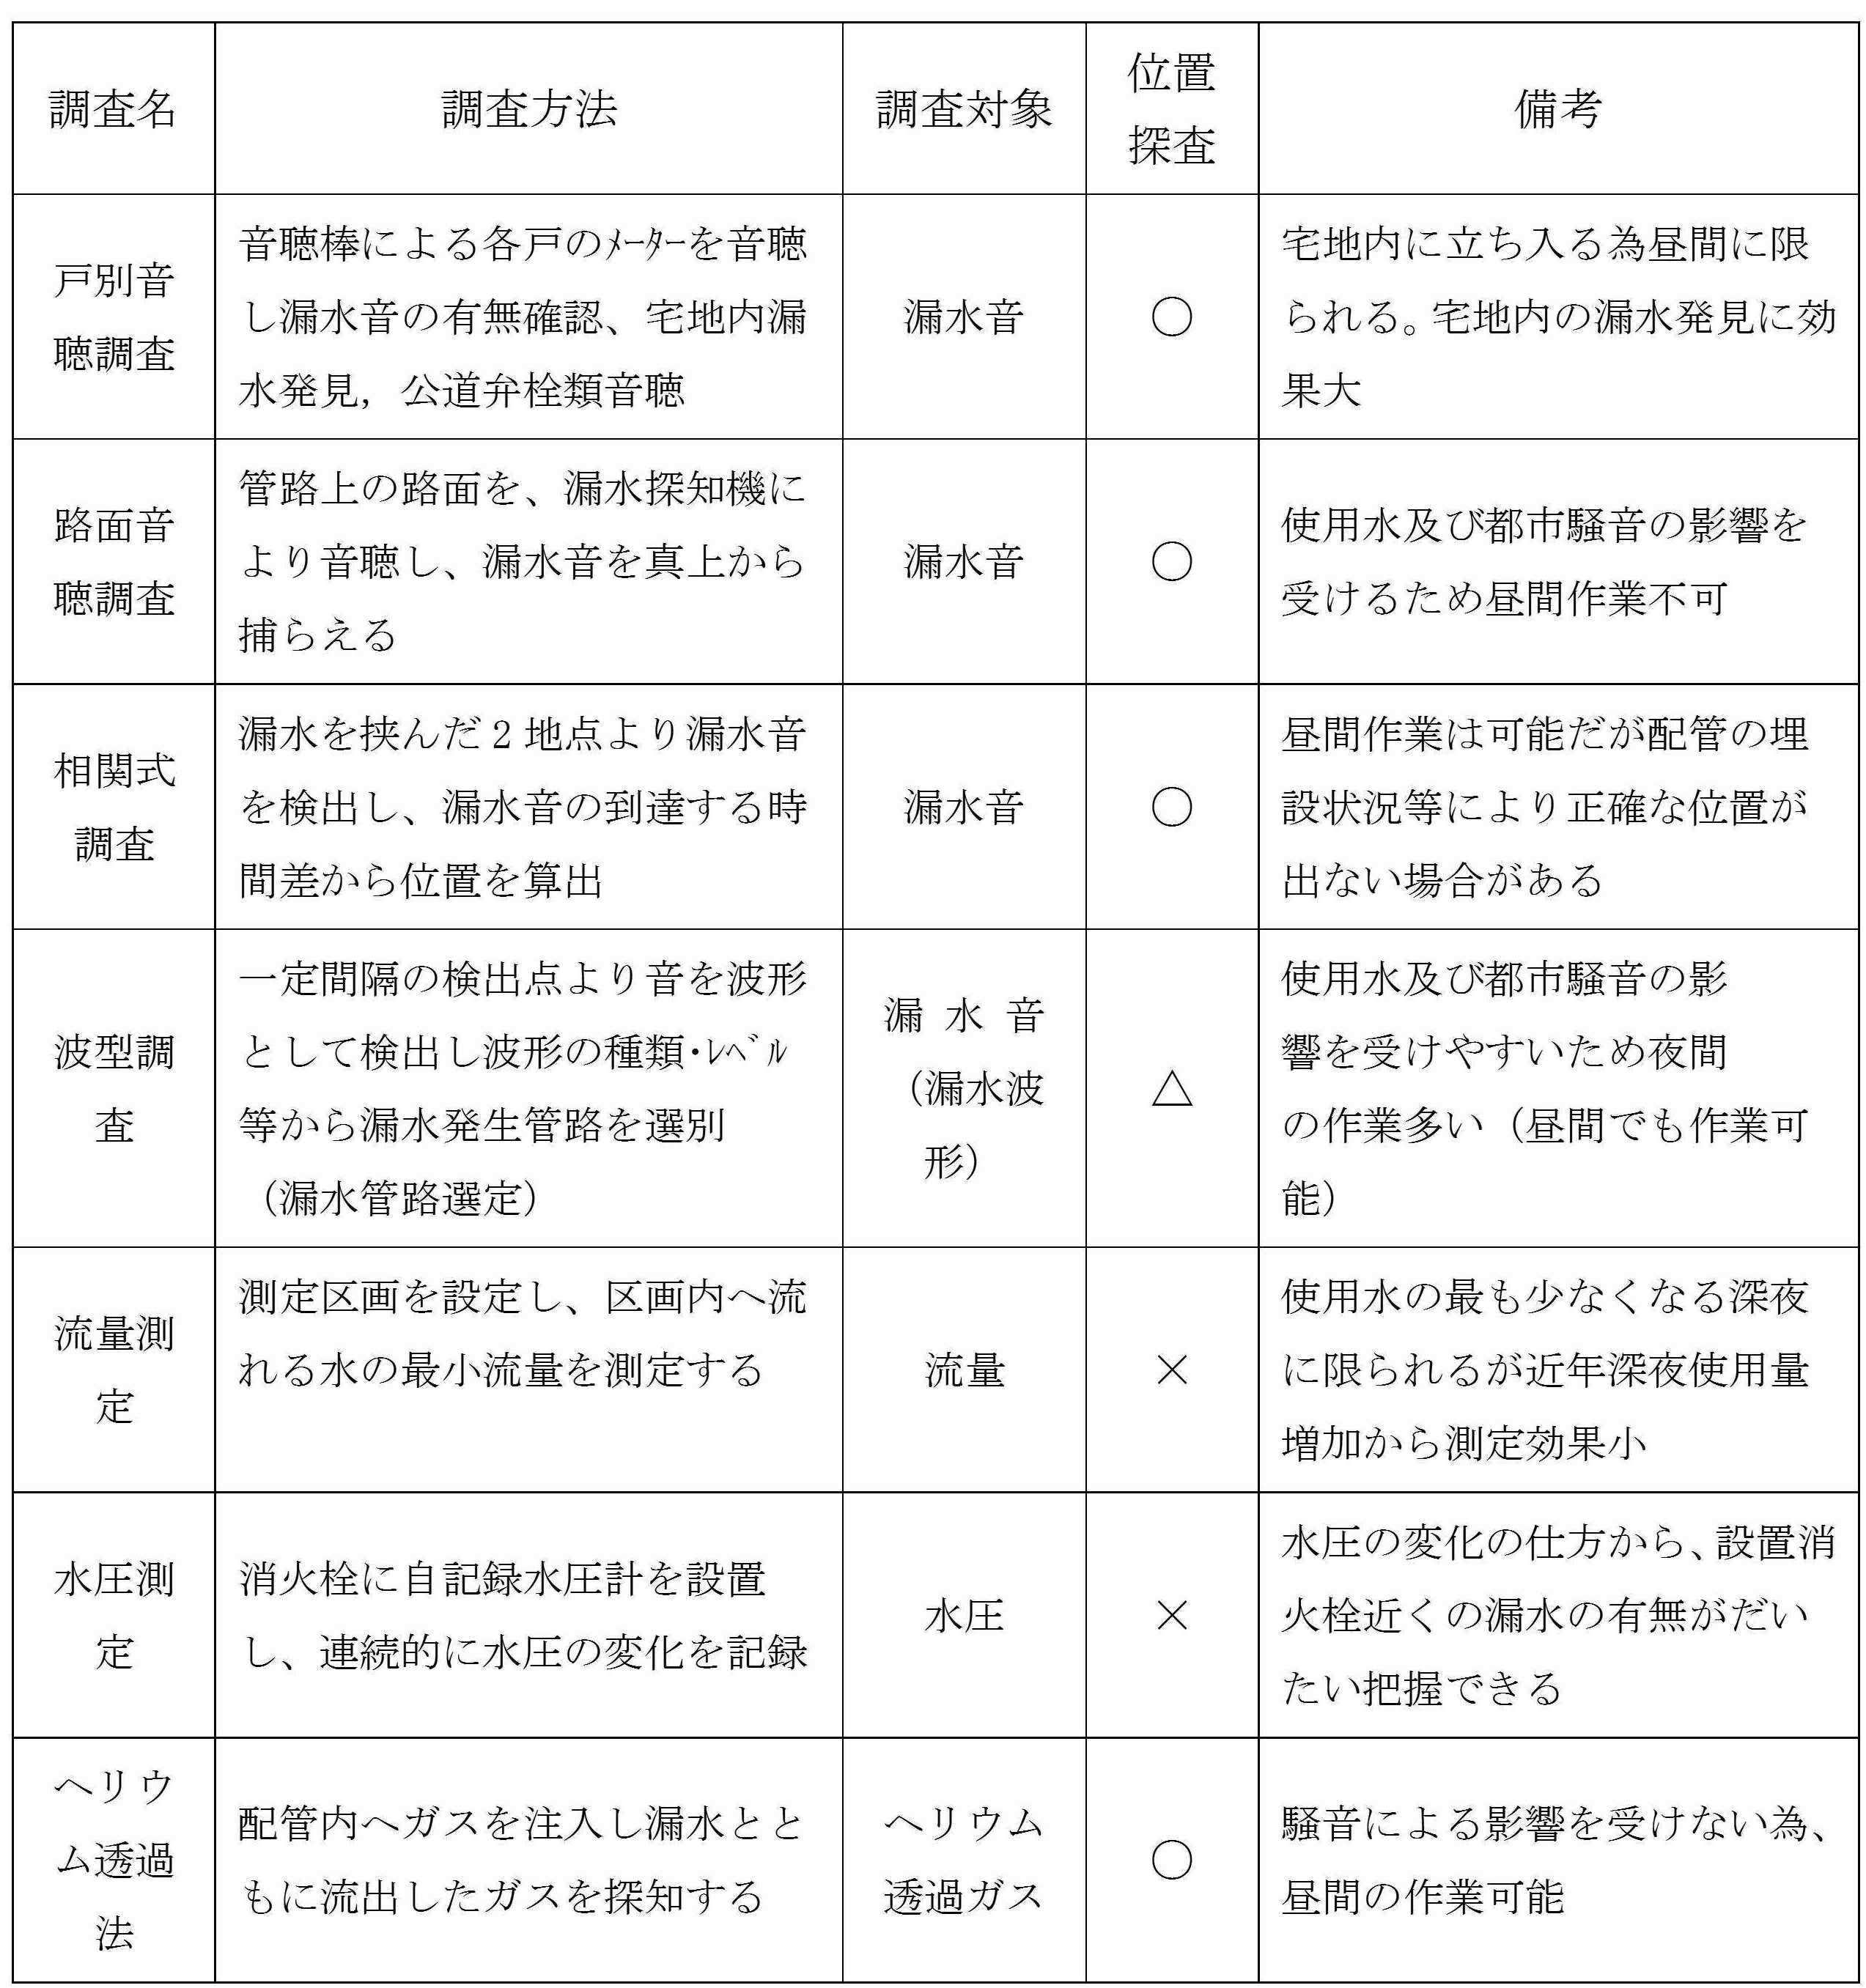 (表1)トレーサー工法と従来工法との比較と特徴